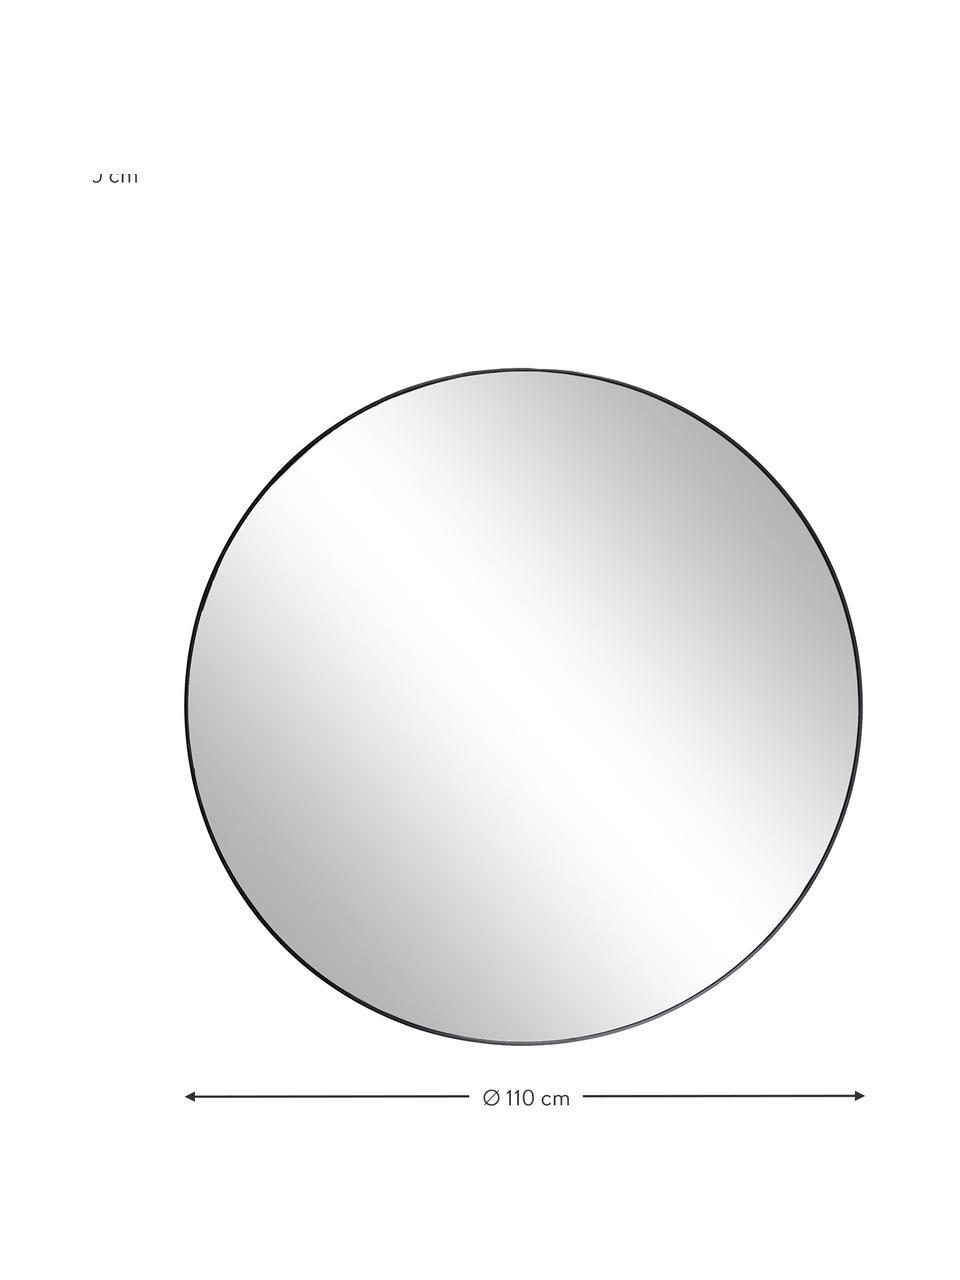 Specchio da parete rotondo con cornice nera Complete, Cornice: Pannello di fibra a media, Nero, Ø 100 cm x Prof. 4 cm